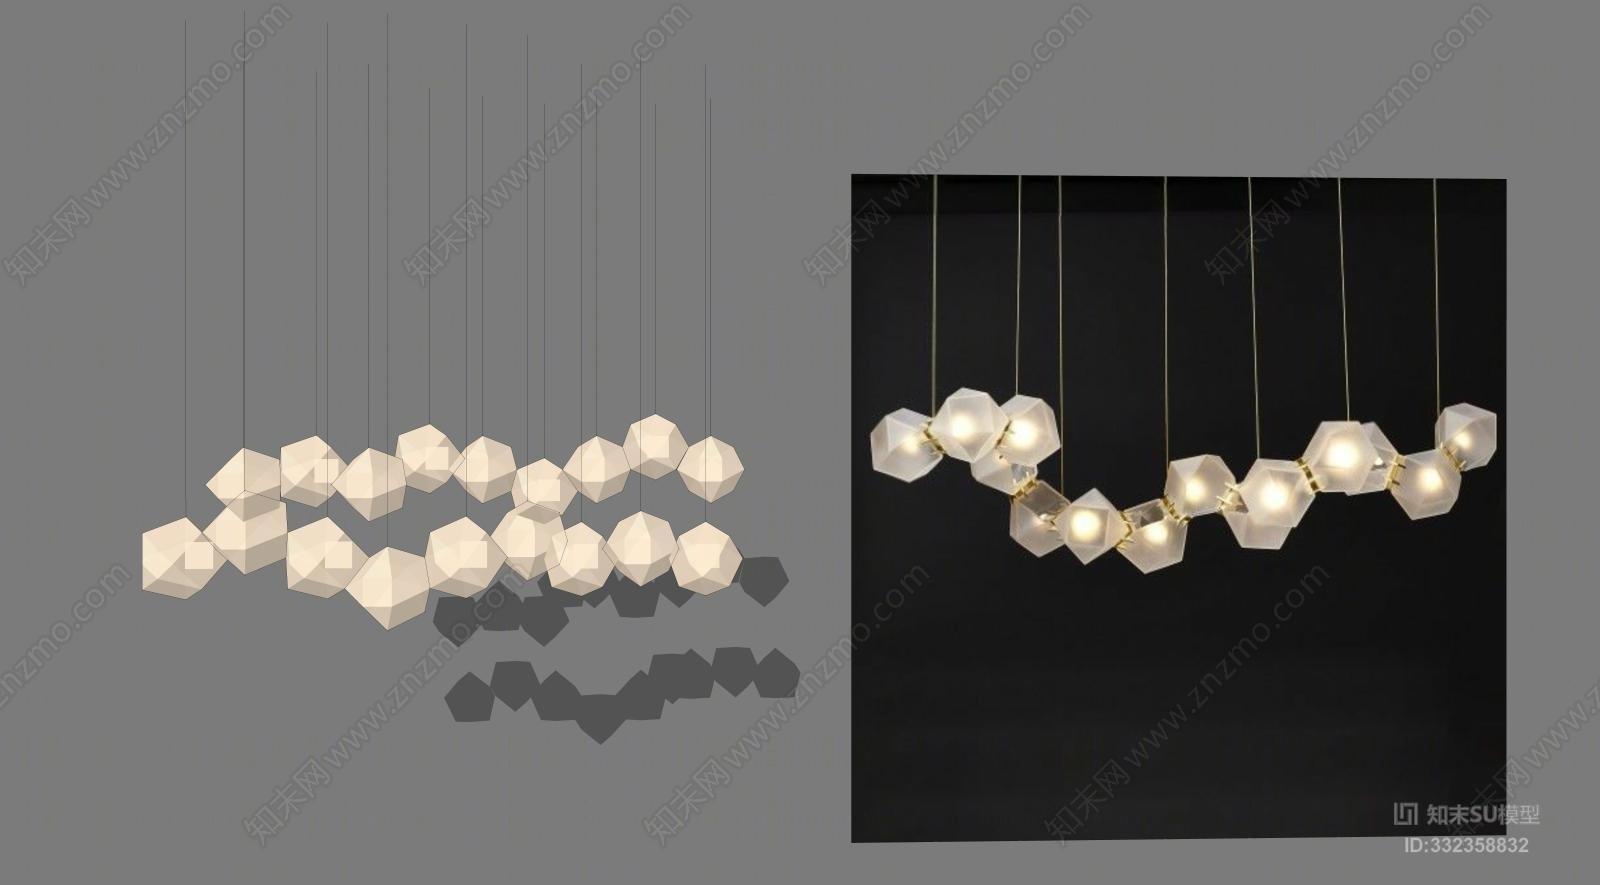 艺术造型灯具